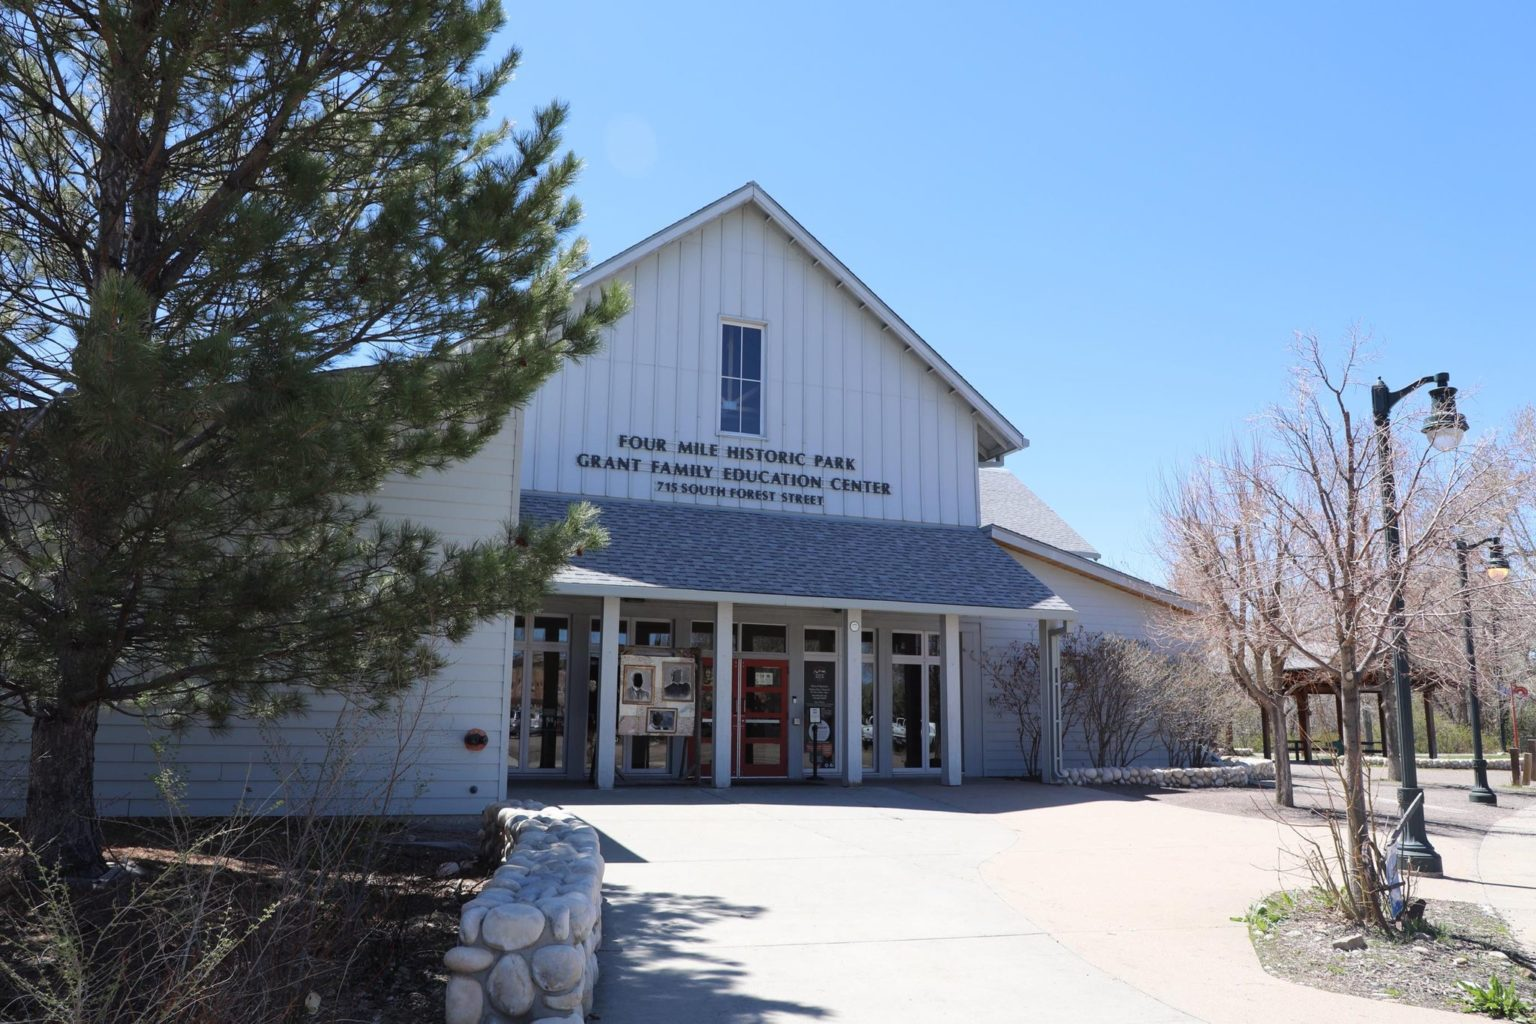 Four Mile Historic Park